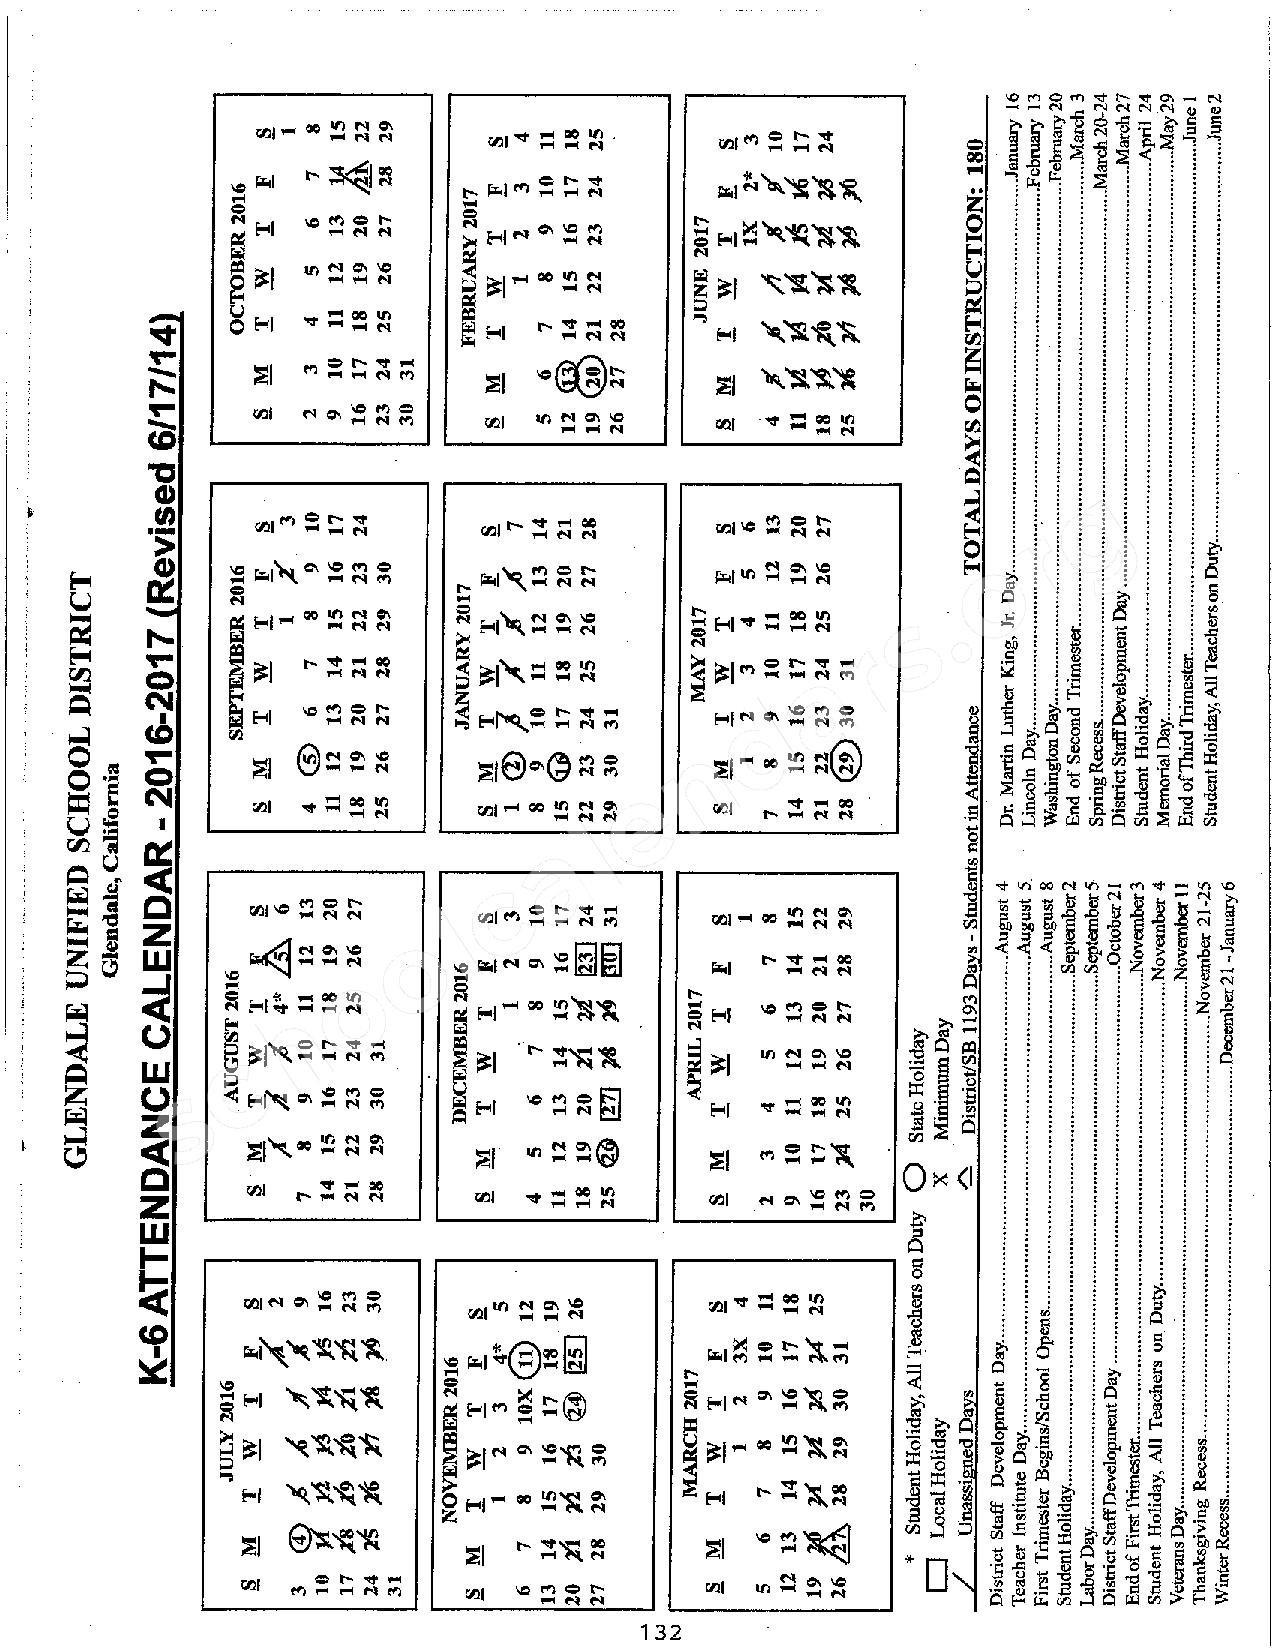 Glendale Unified School District Calendar | Calendar Fall 2020-Hfd October 2021 Shift Calendar